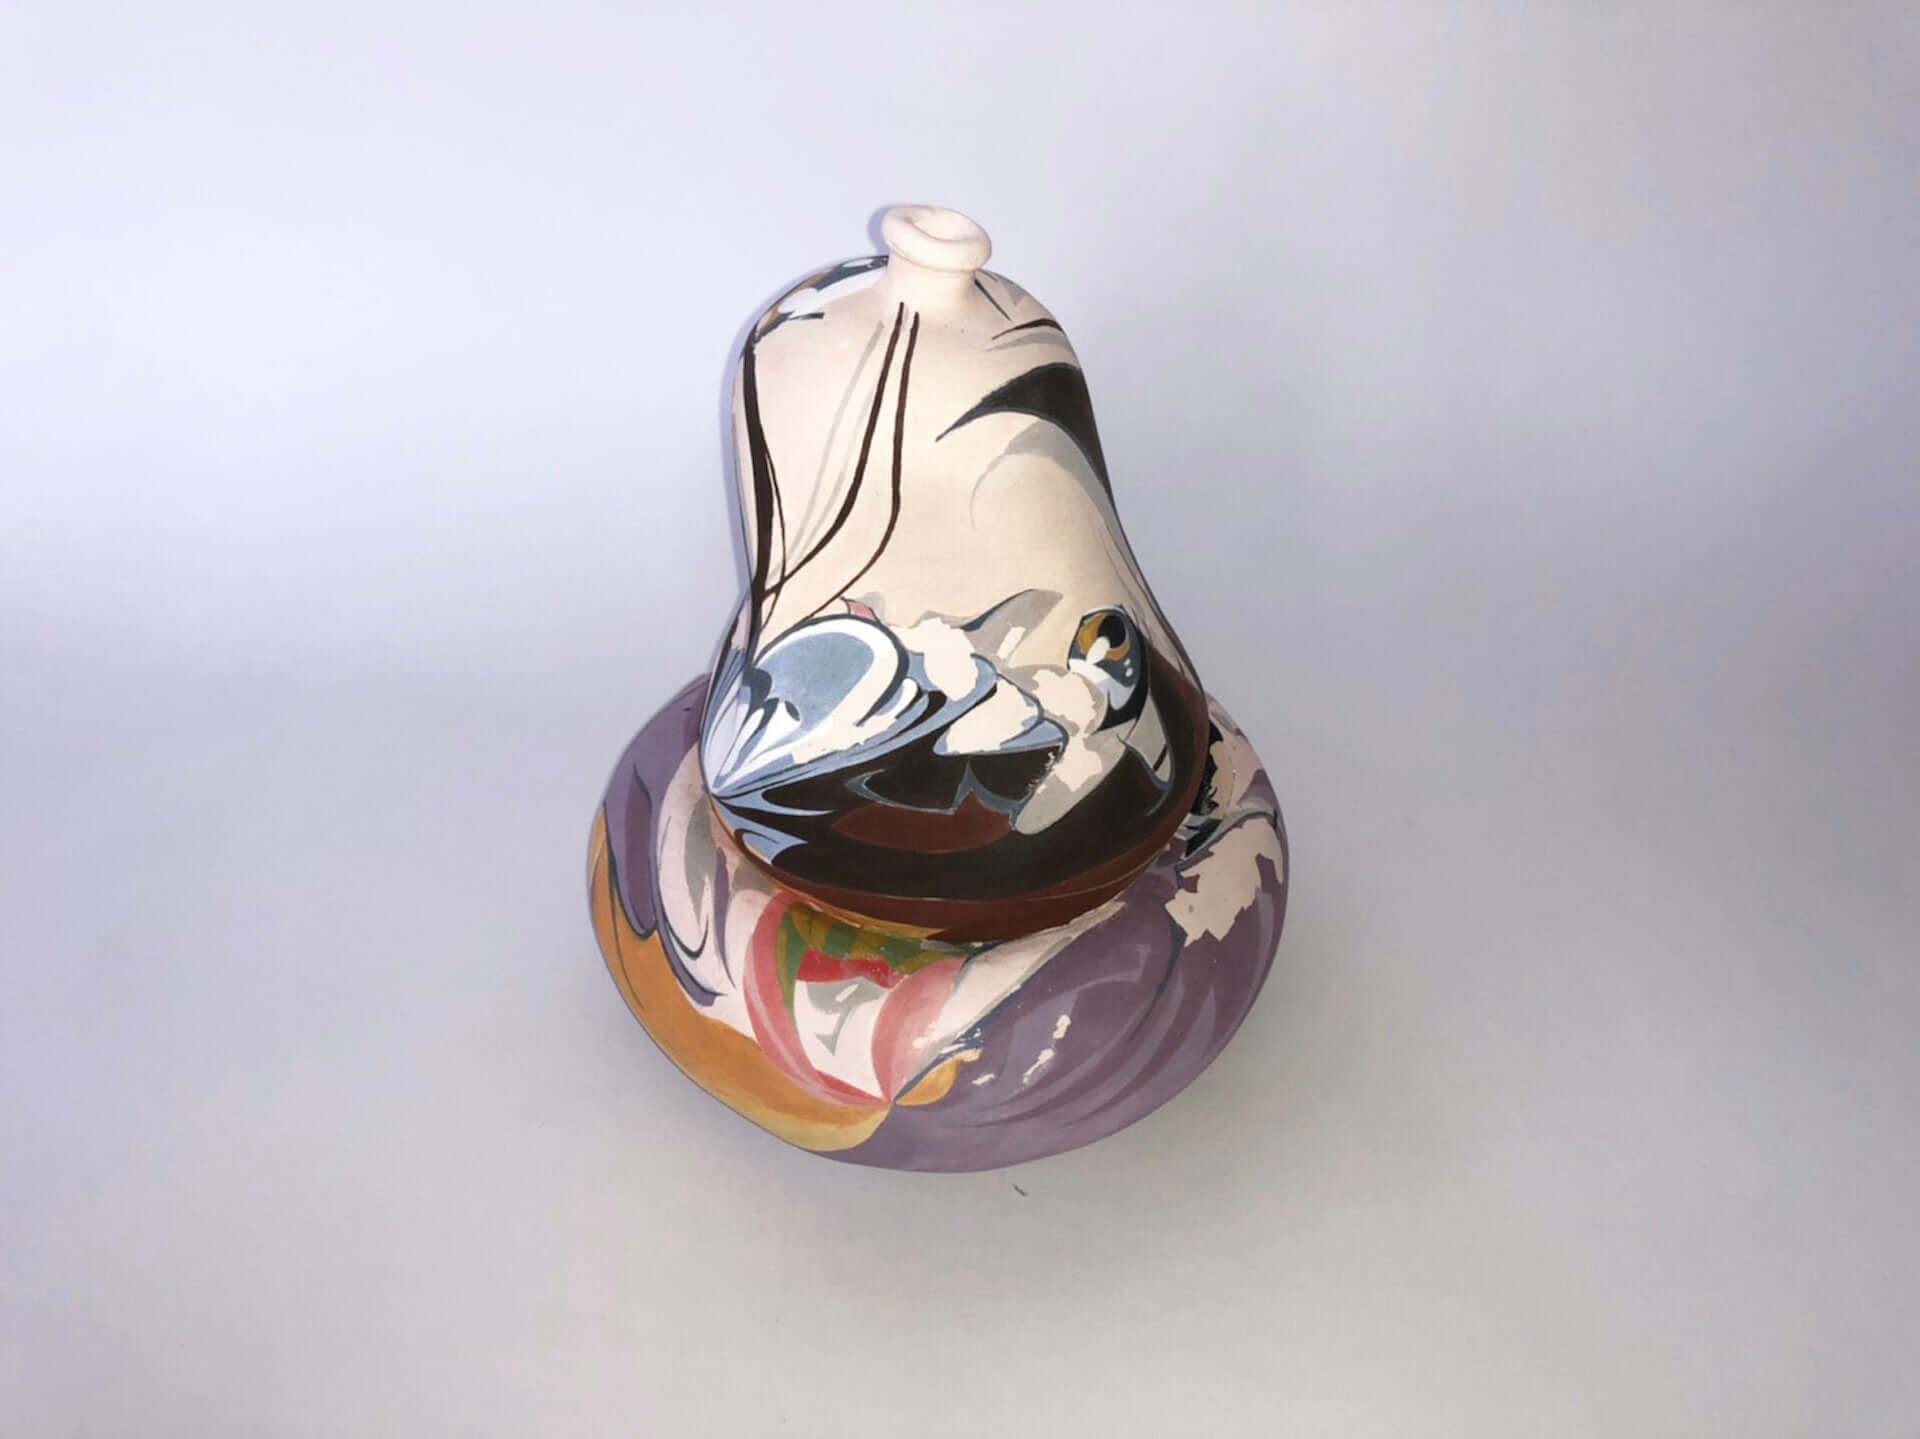 """渋谷PARCO「OIL by 美術手帖ギャラリー」にて若手陶芸家3名による""""仮想世代陶芸""""をテーマにしたグループ展が開催決定! art210217_virtual-generation-pottery_6-1920x1439"""